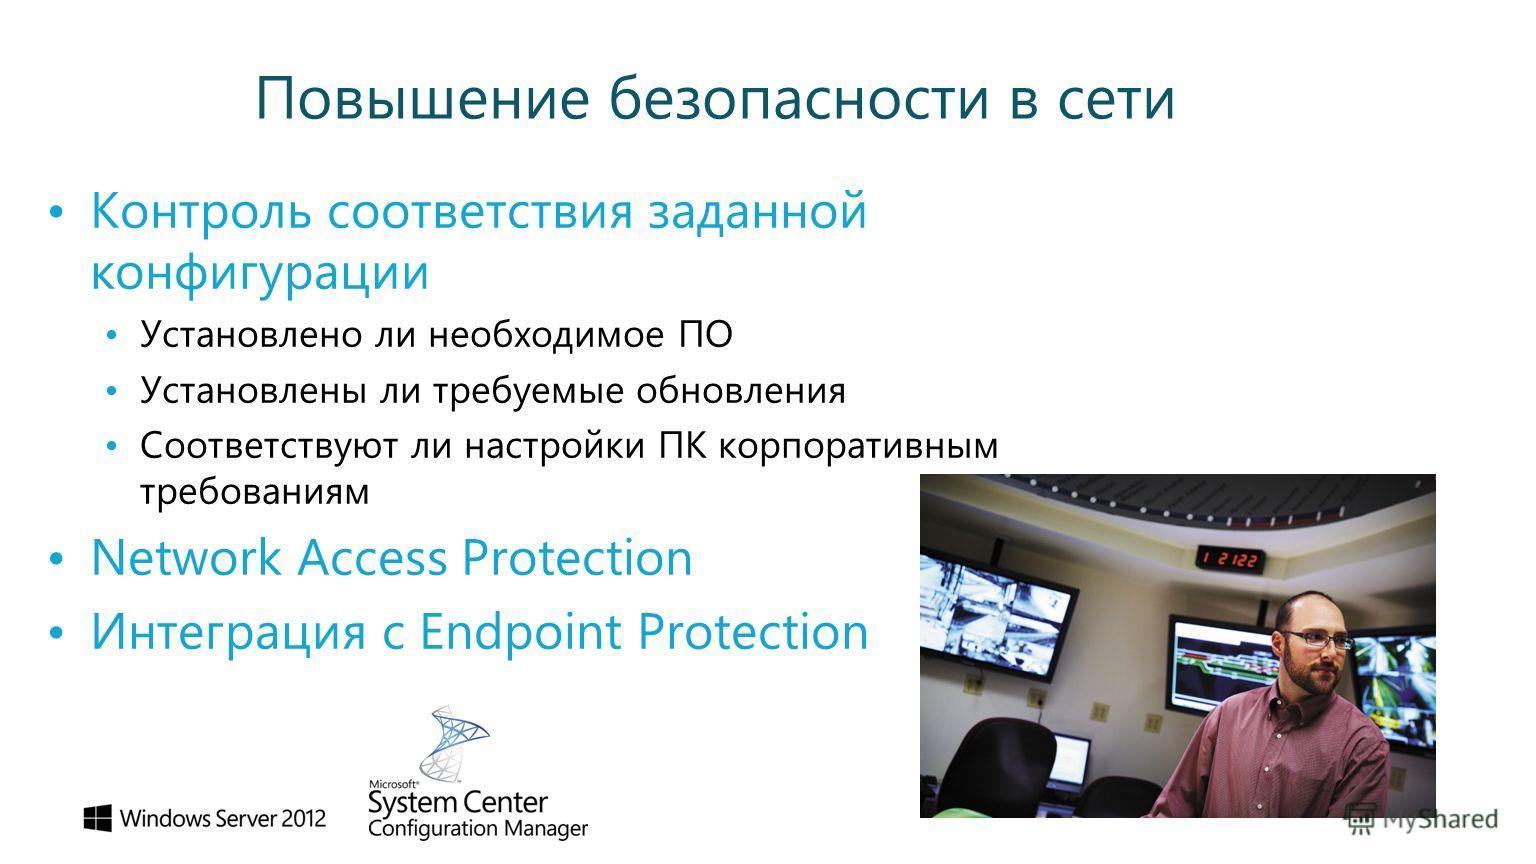 Повышение безопасности в сети Контроль соответствия заданной конфигурации Установлено ли необходимое ПО Установлены ли требуемые обновления Соответствуют ли настройки ПК корпоративным требованиям Network Access Protection Интеграция с Endpoint Protec